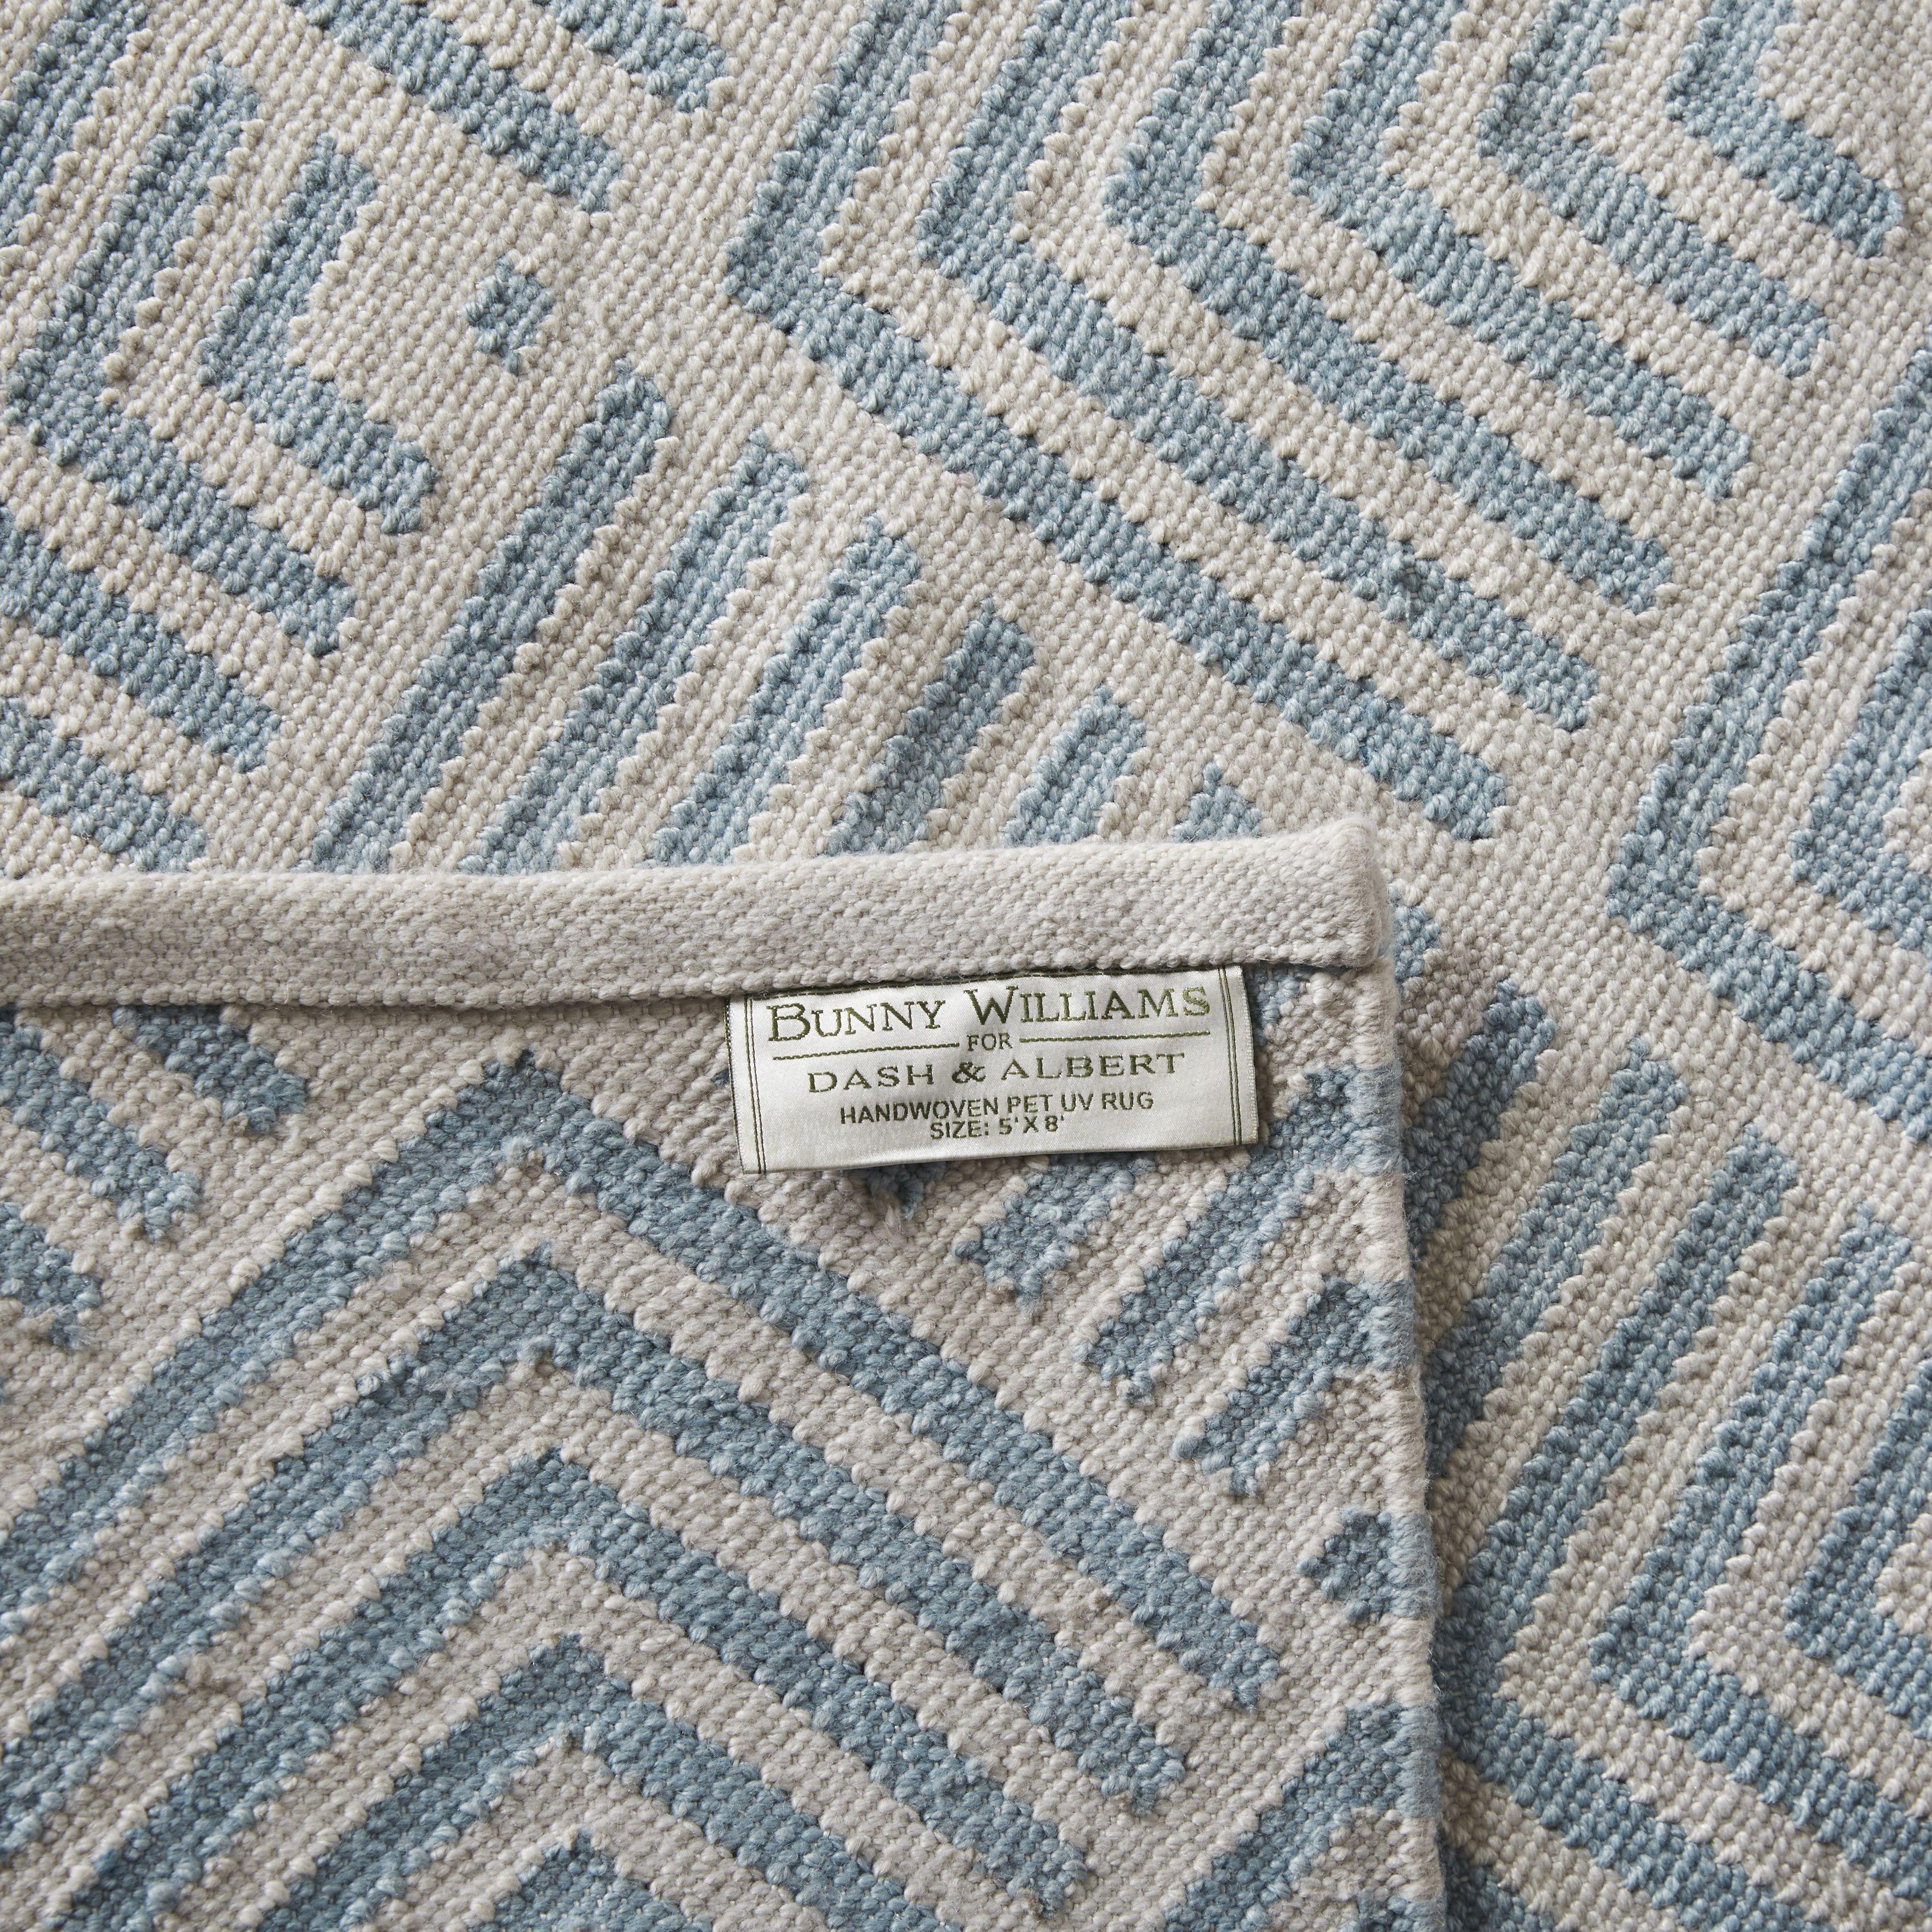 Albert And Dash Outdoor Rugs | Dash And Albert Rugs | Indoor Outdoor Carpet  Runners